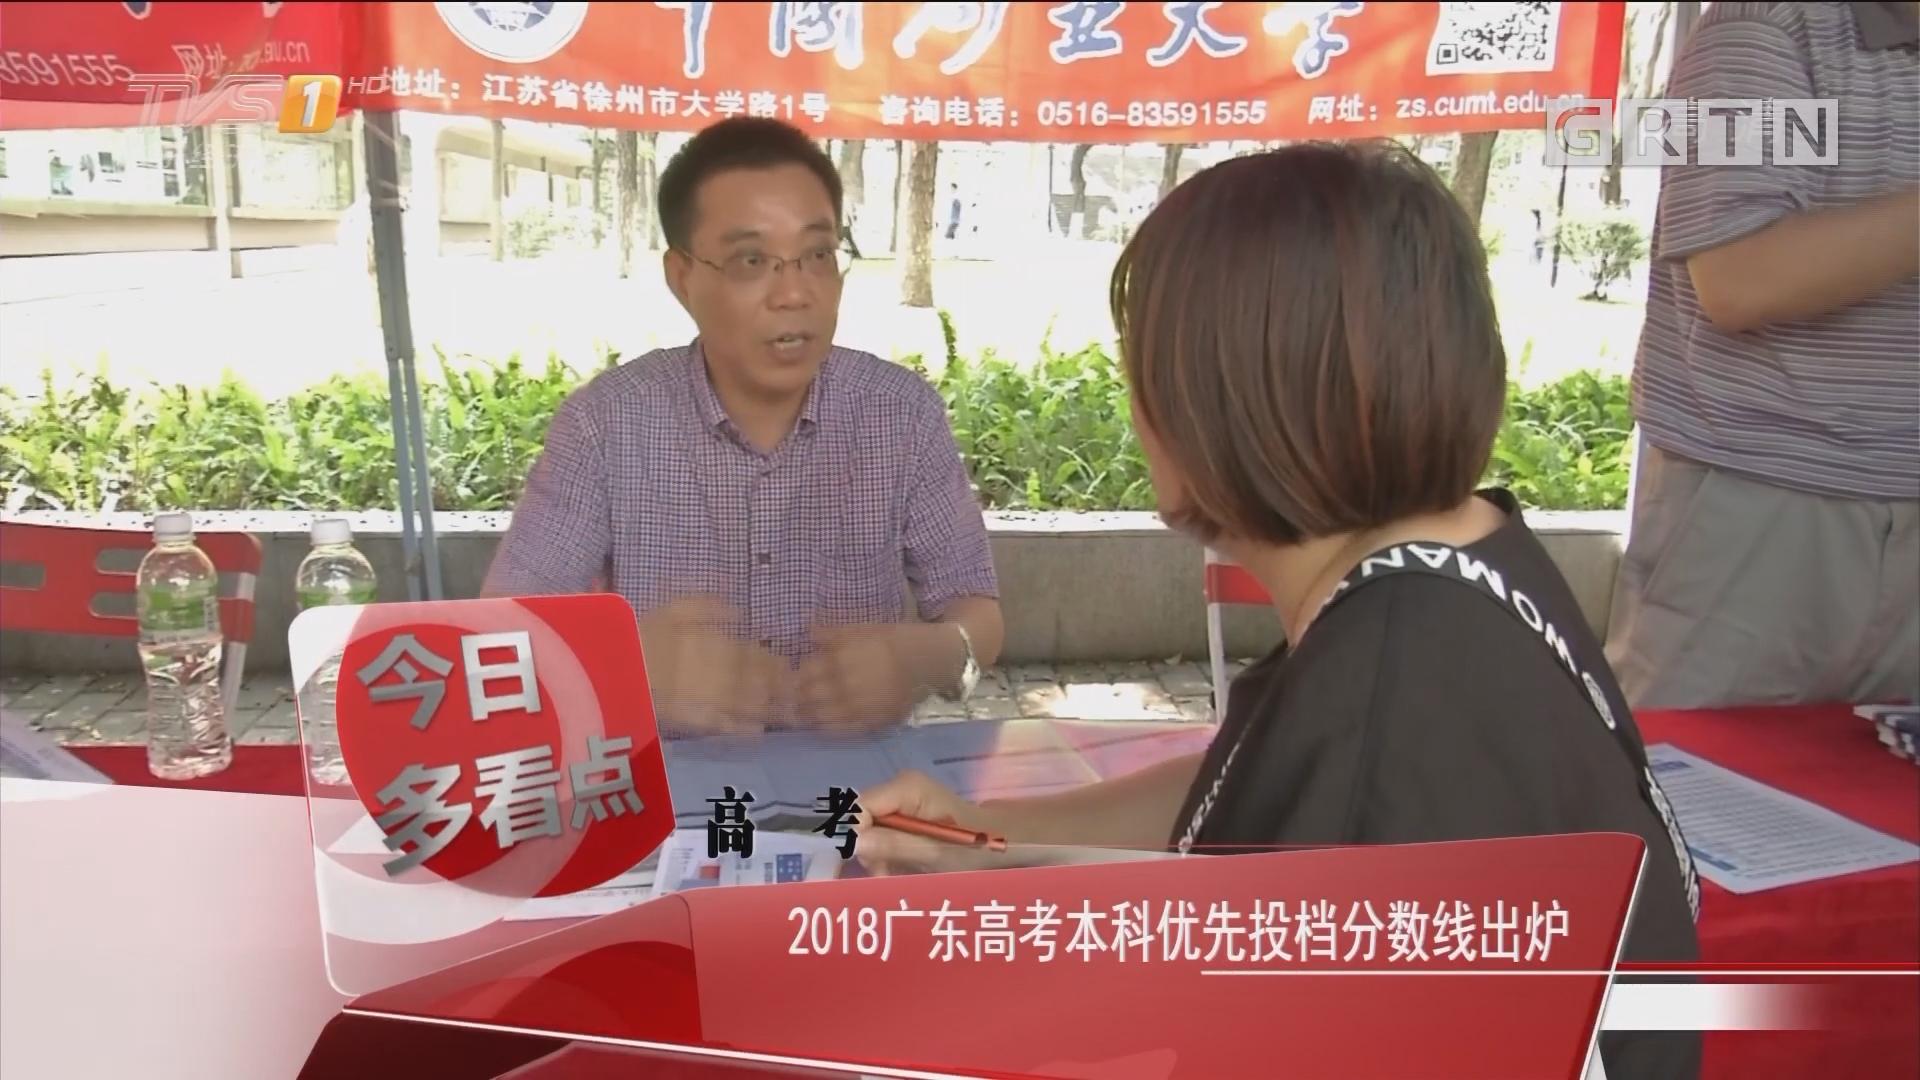 高考:2018广东高考本科优先投档分数线出炉